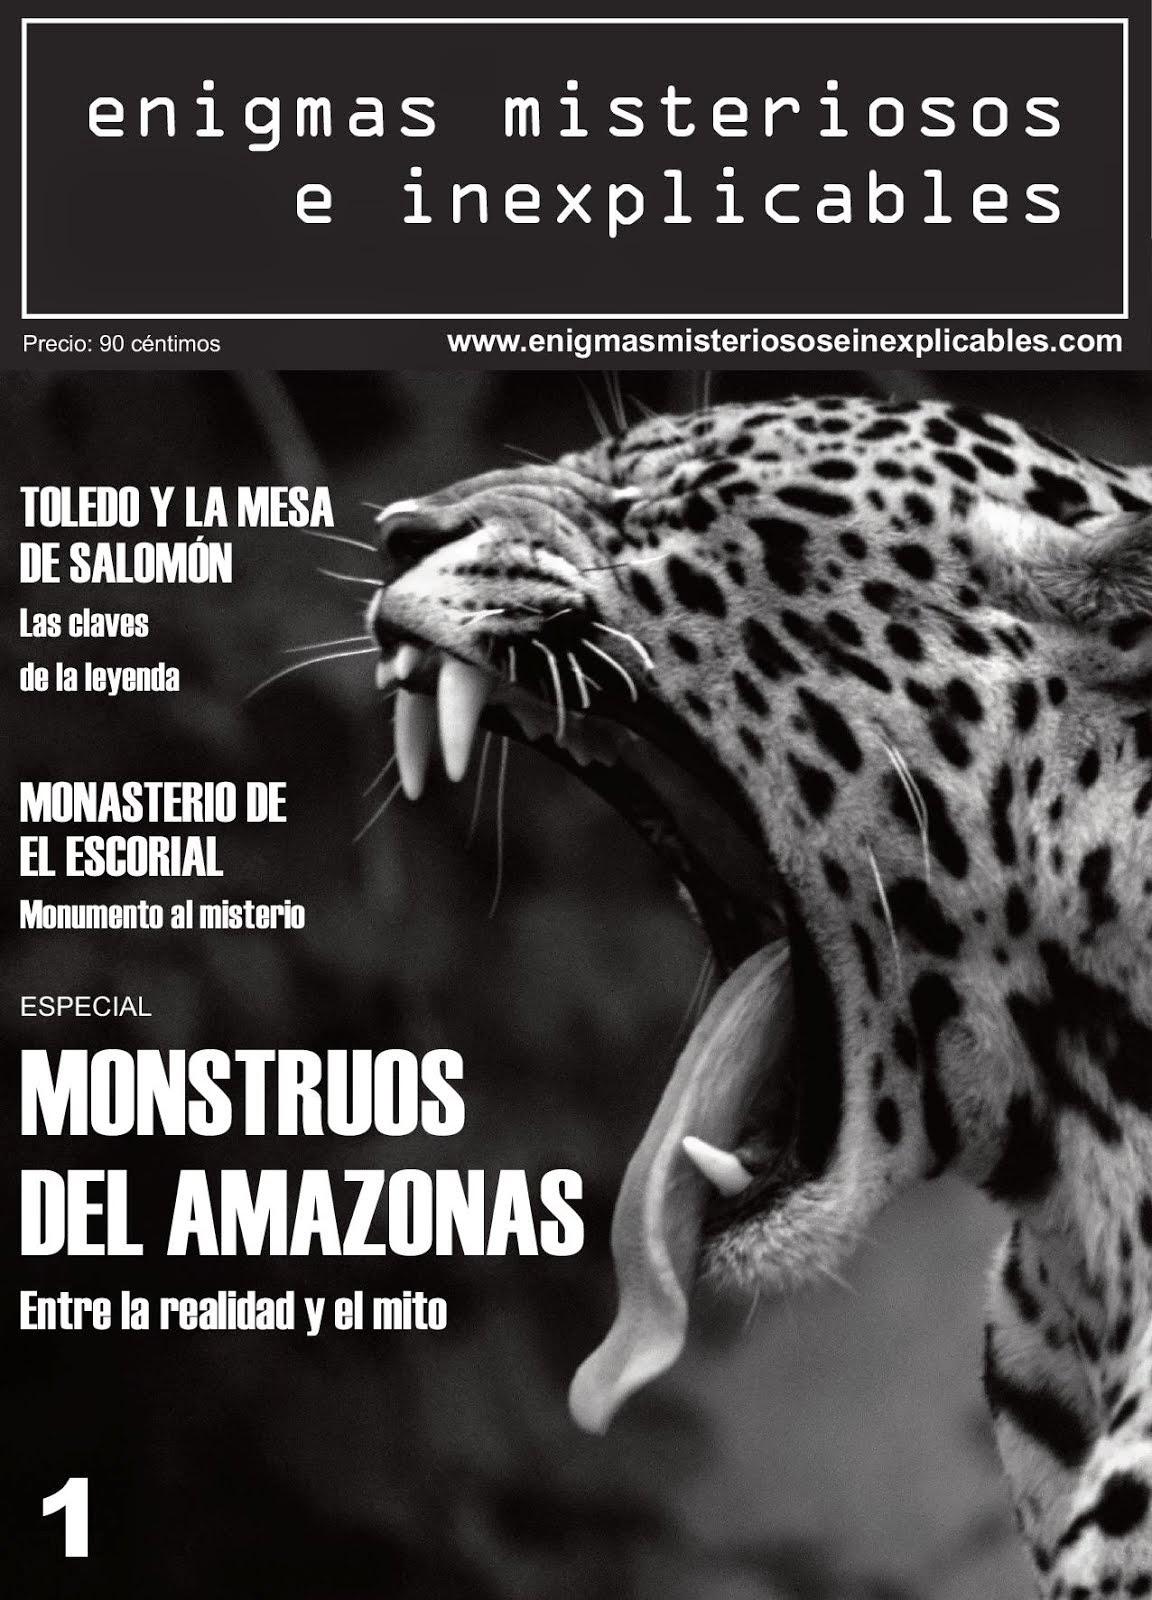 Enigmas Misteriosos e Inexplicables en PDF!!!